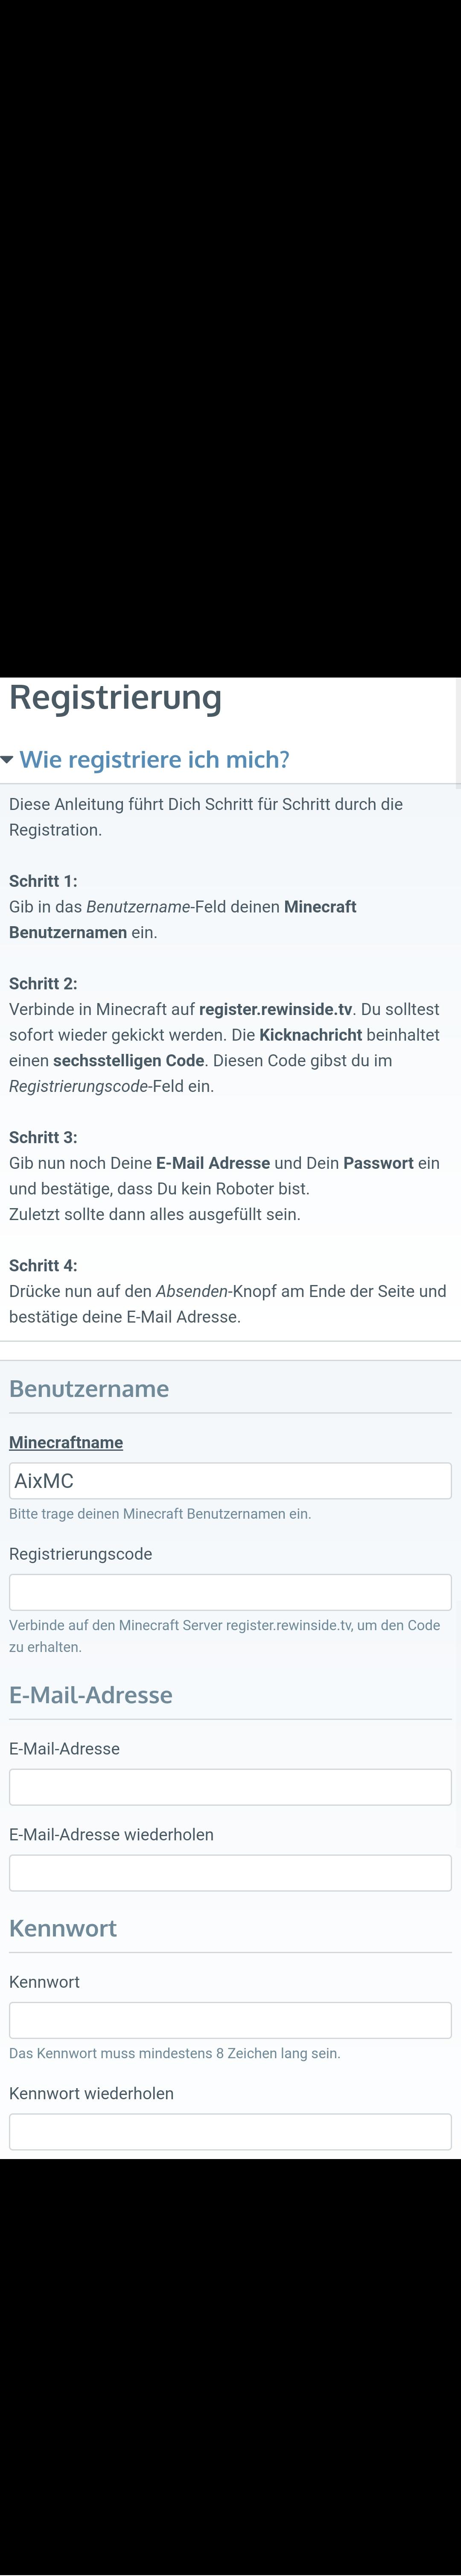 Minecraft Authentifizierung Plugin Wishes For New Plugins WoltLab - Kann man sein minecraft namen auch andern